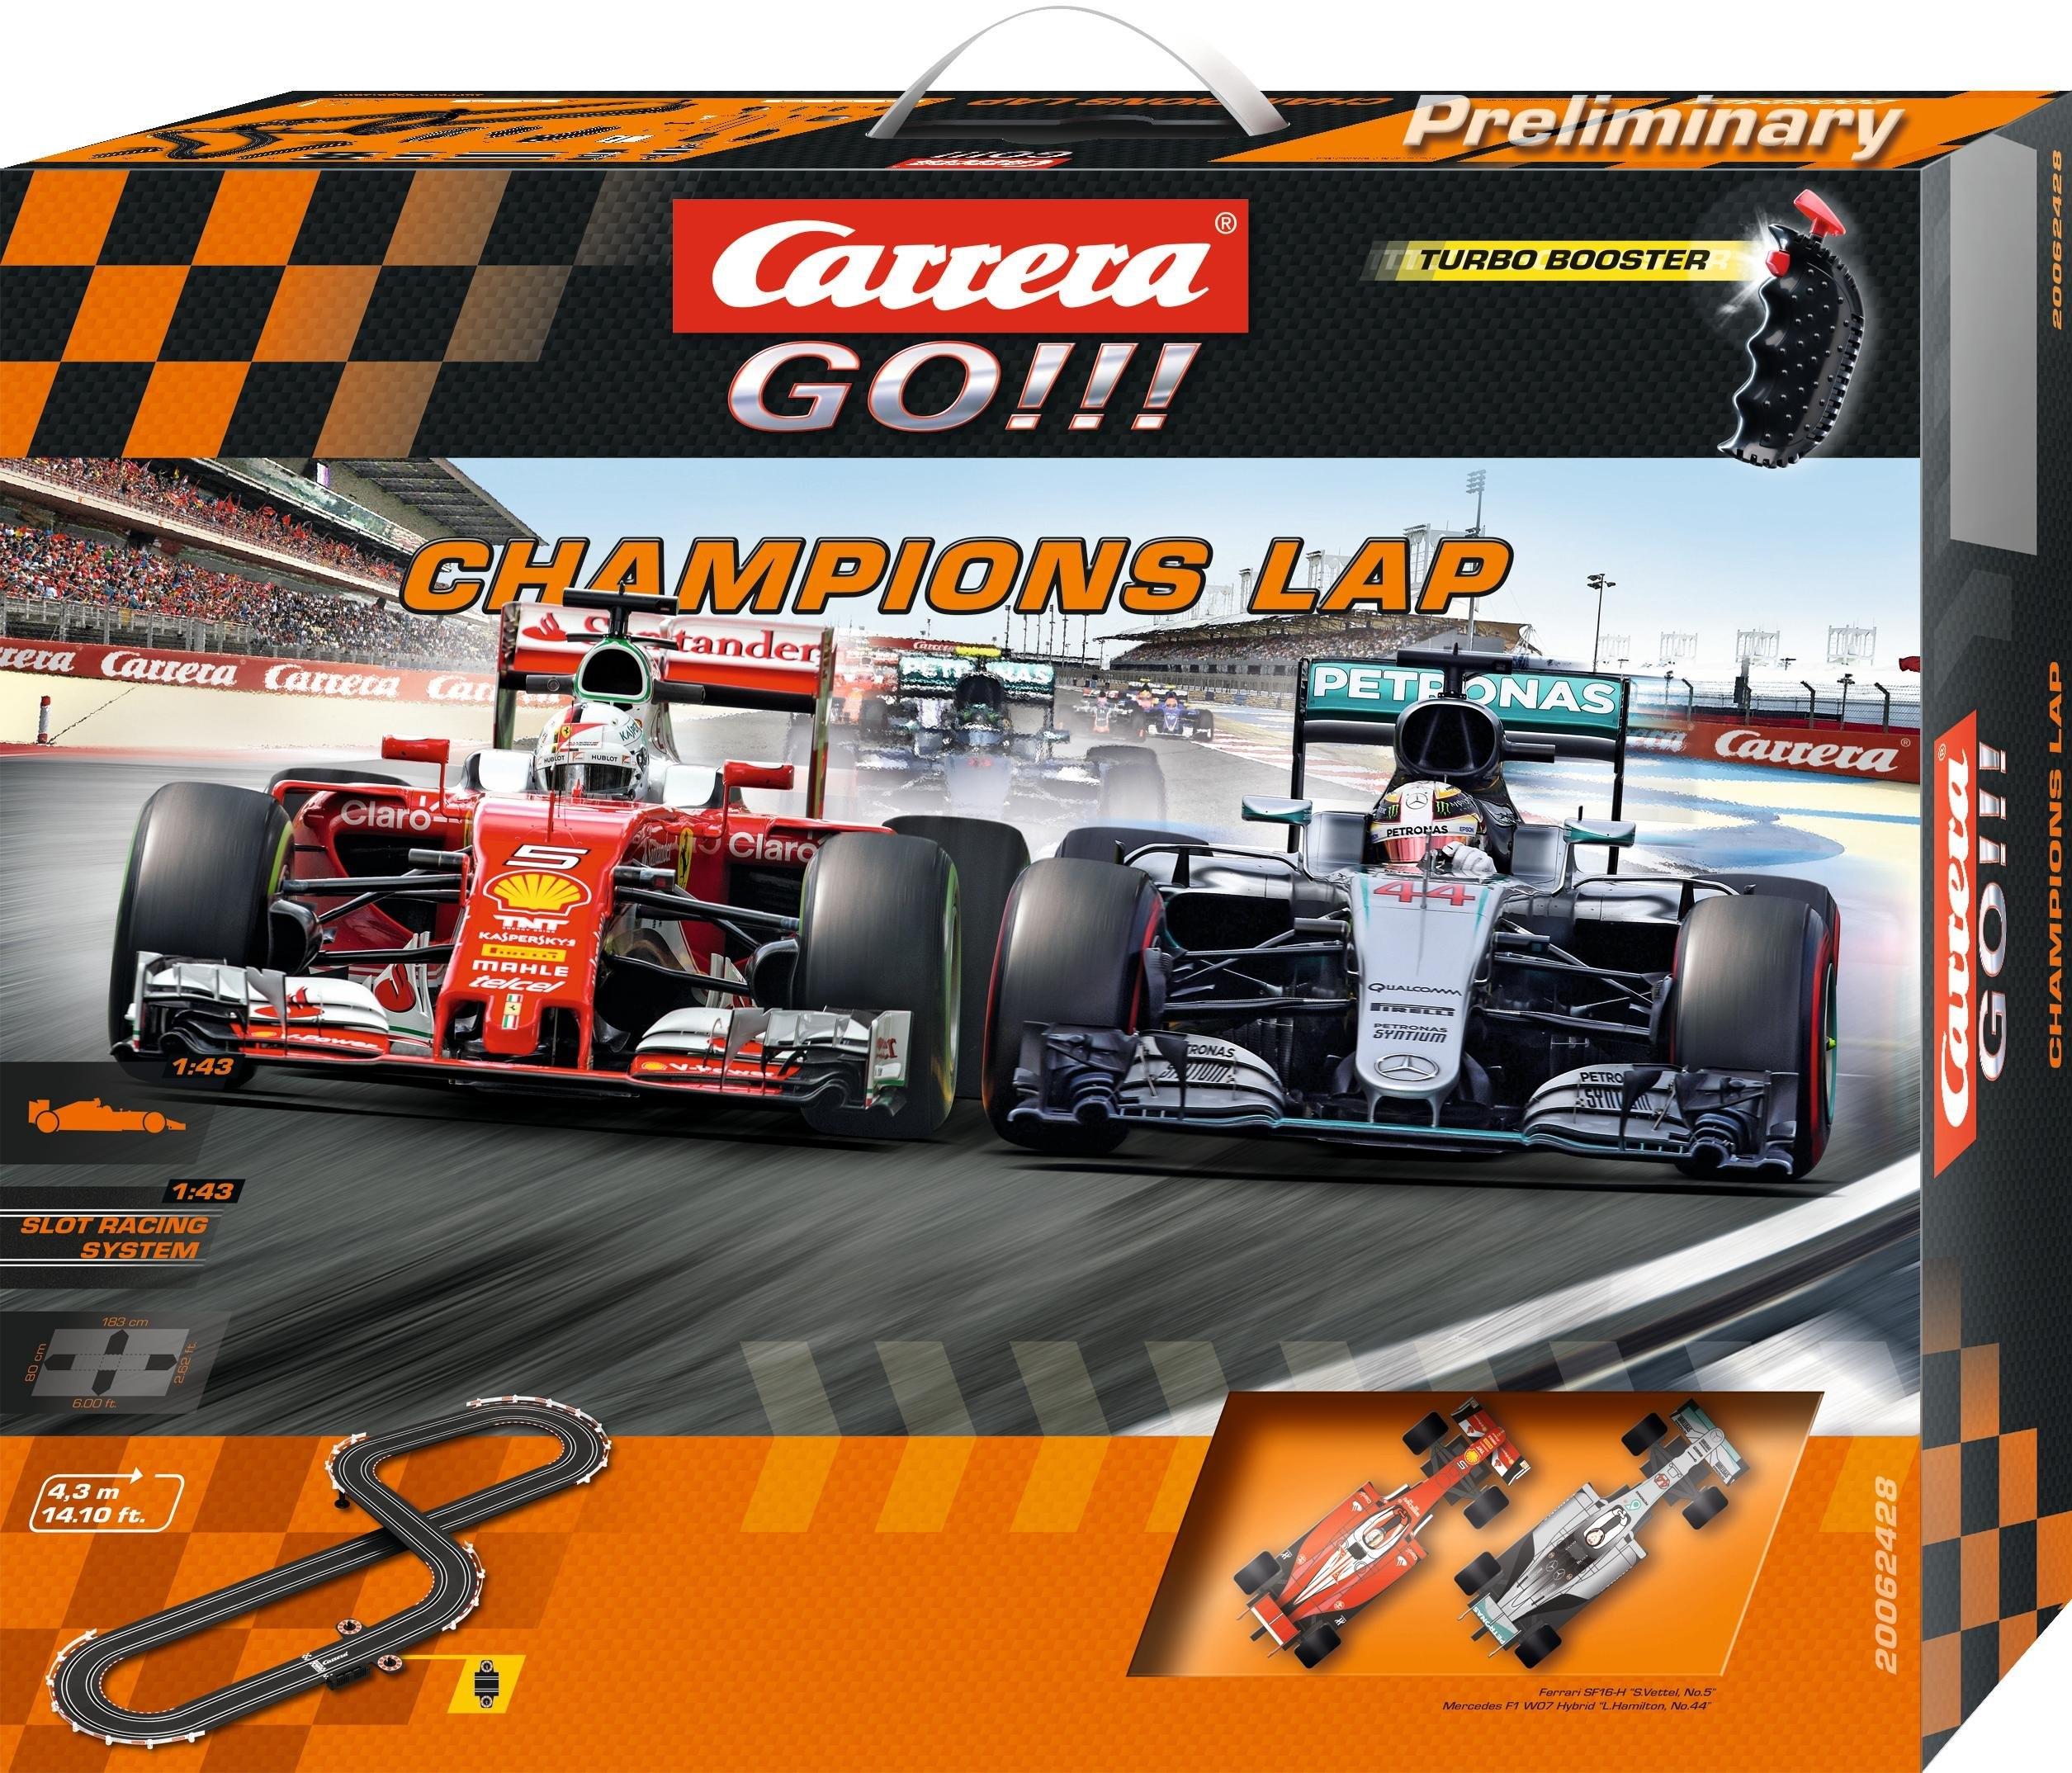 Carrera racecircuit, »Carrera® GO!!! Champions Lap« goedkoop op otto.nl kopen